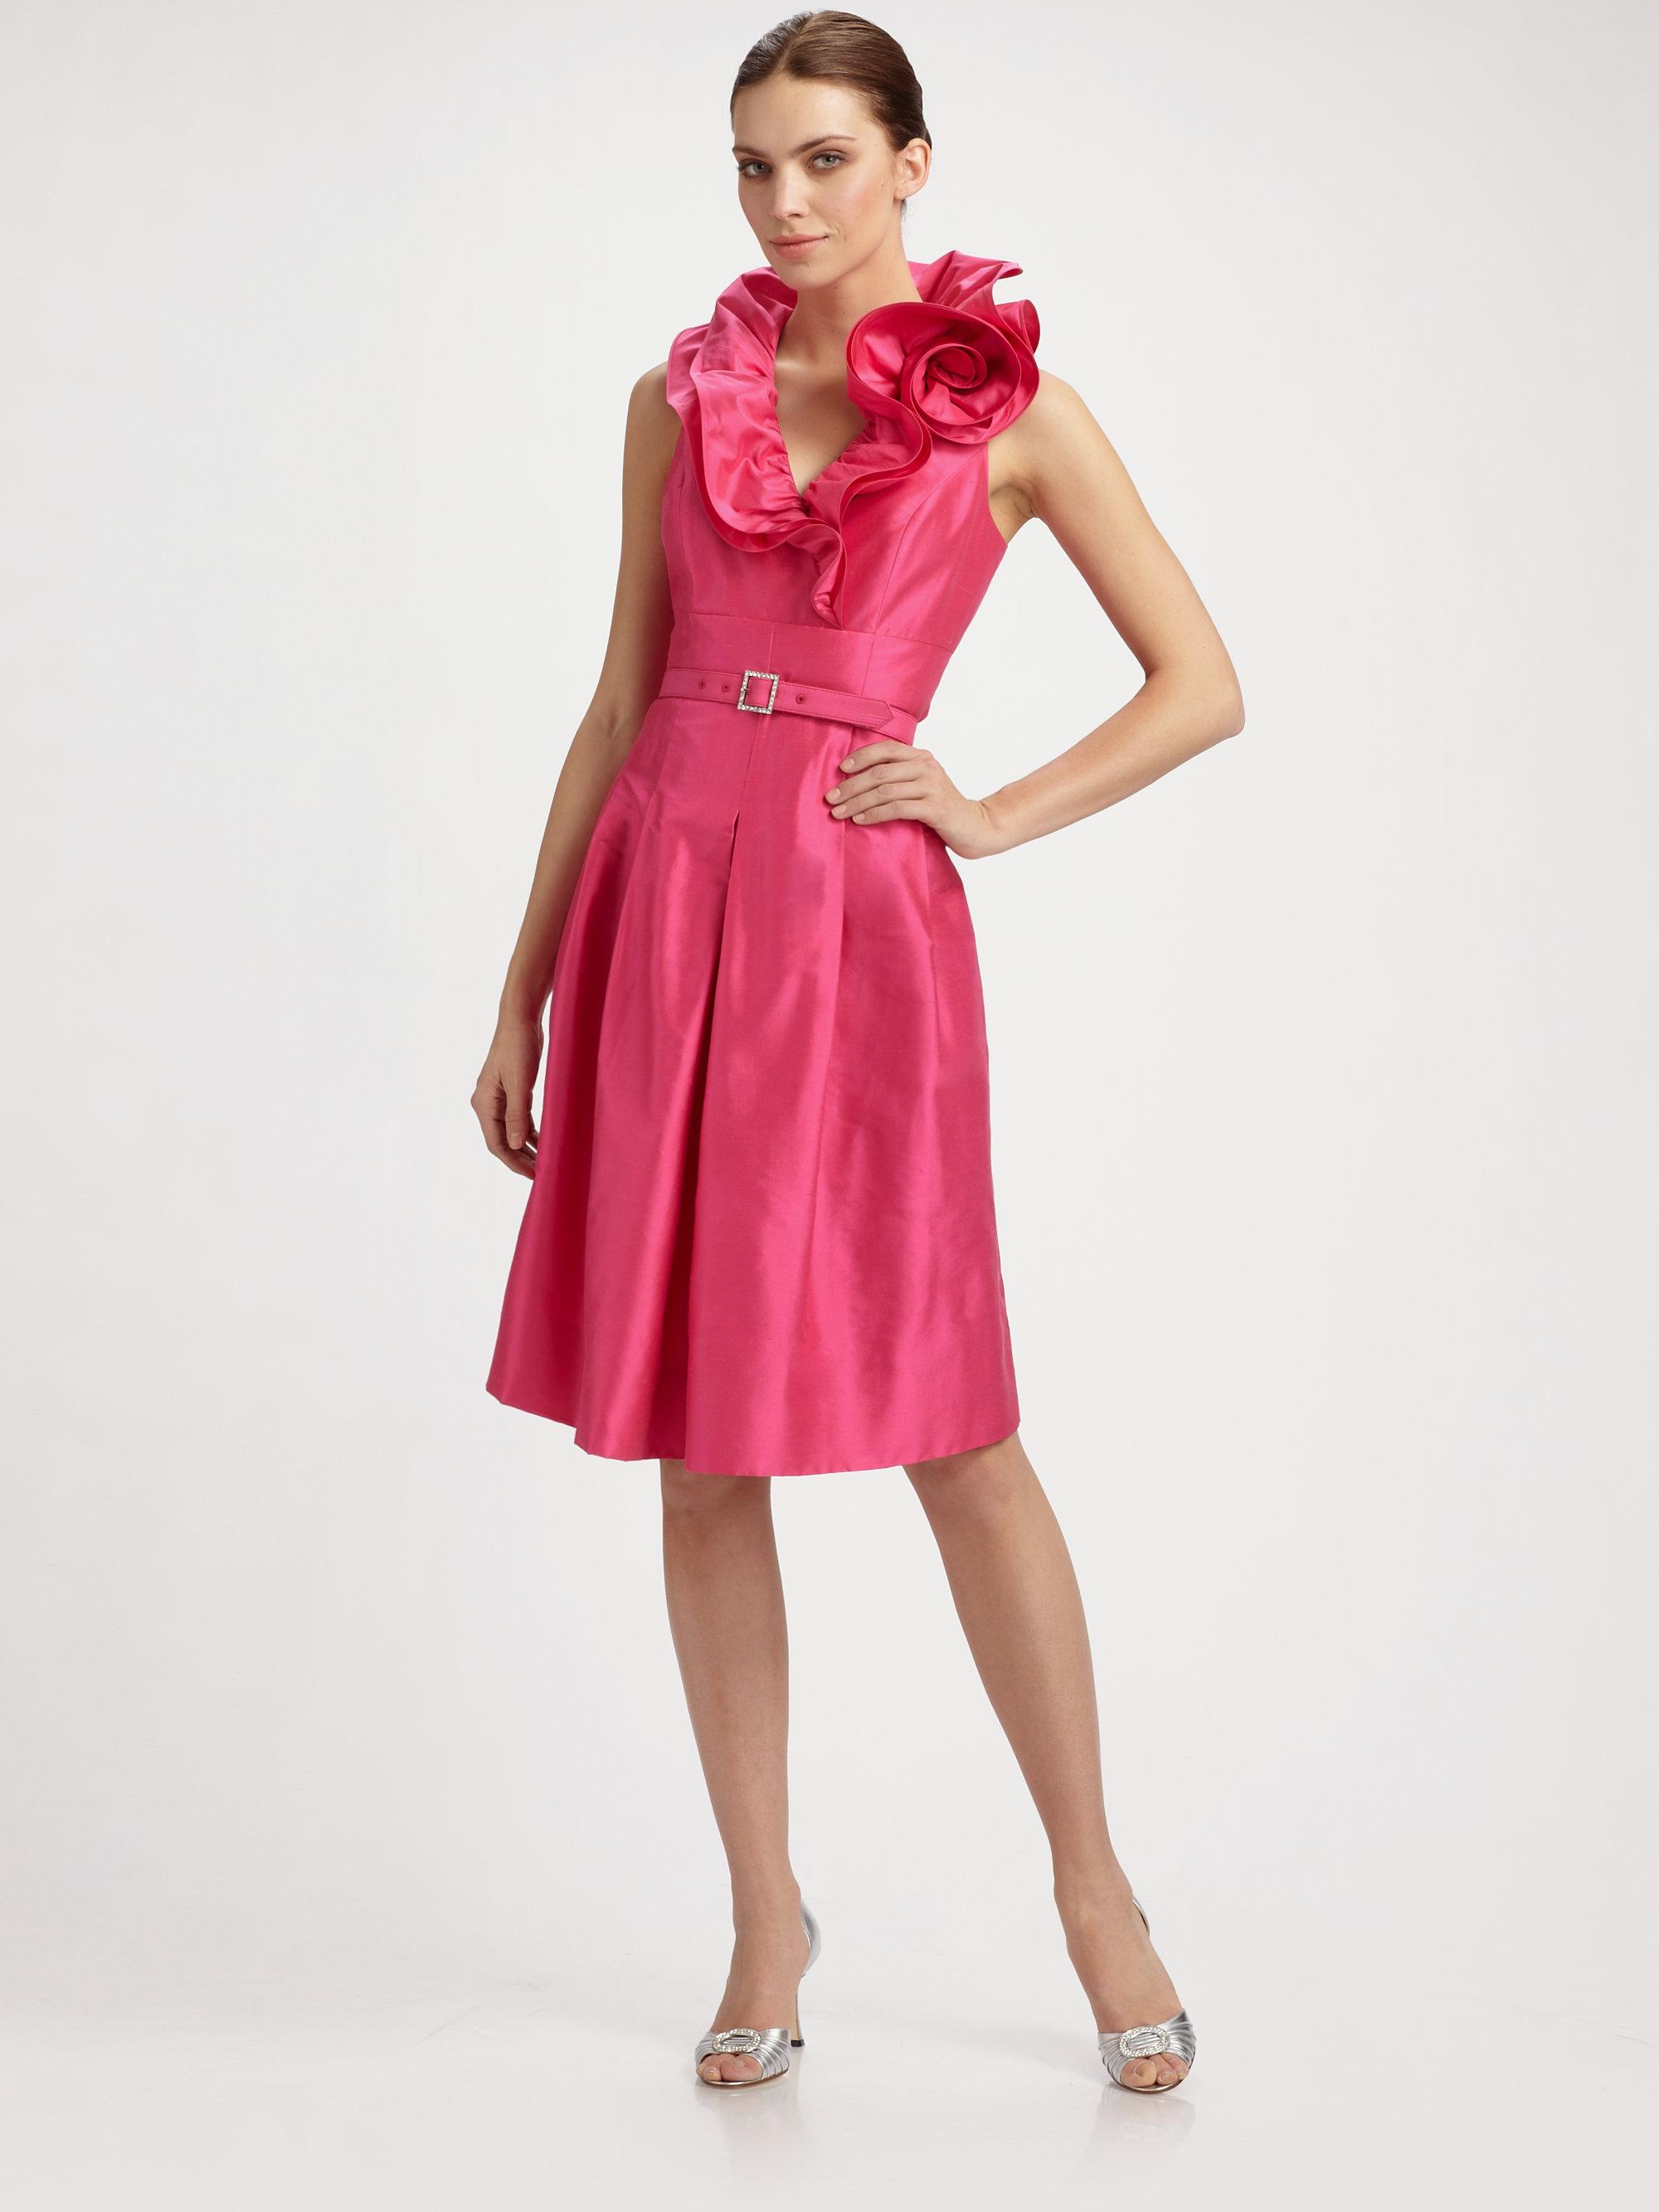 ea78fead94f Teri Jon Ruffle Neck Shirt Dress in Pink - Lyst